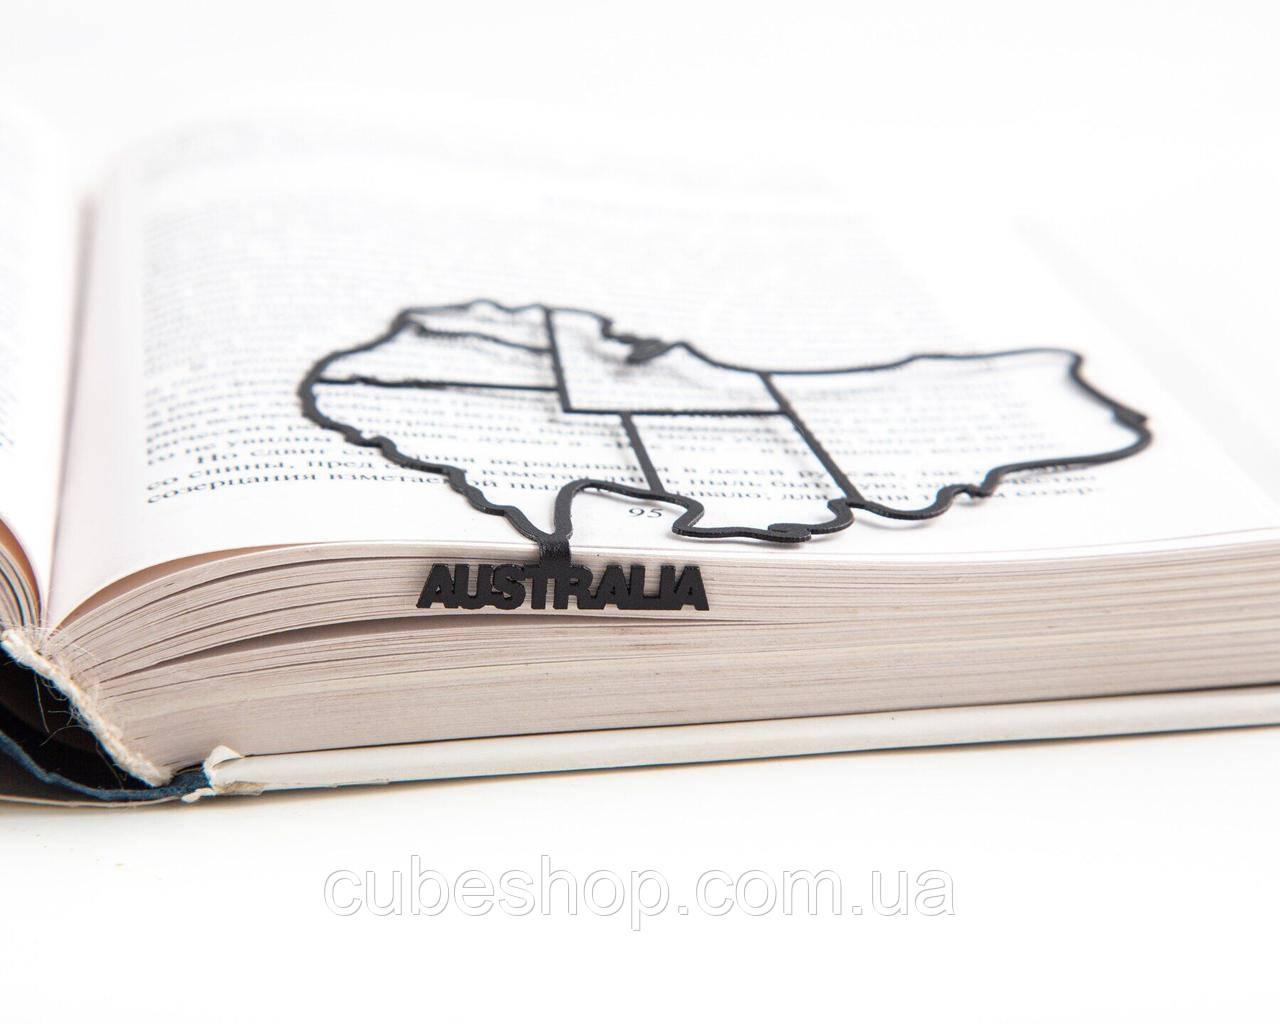 Закладка для книг Австралия